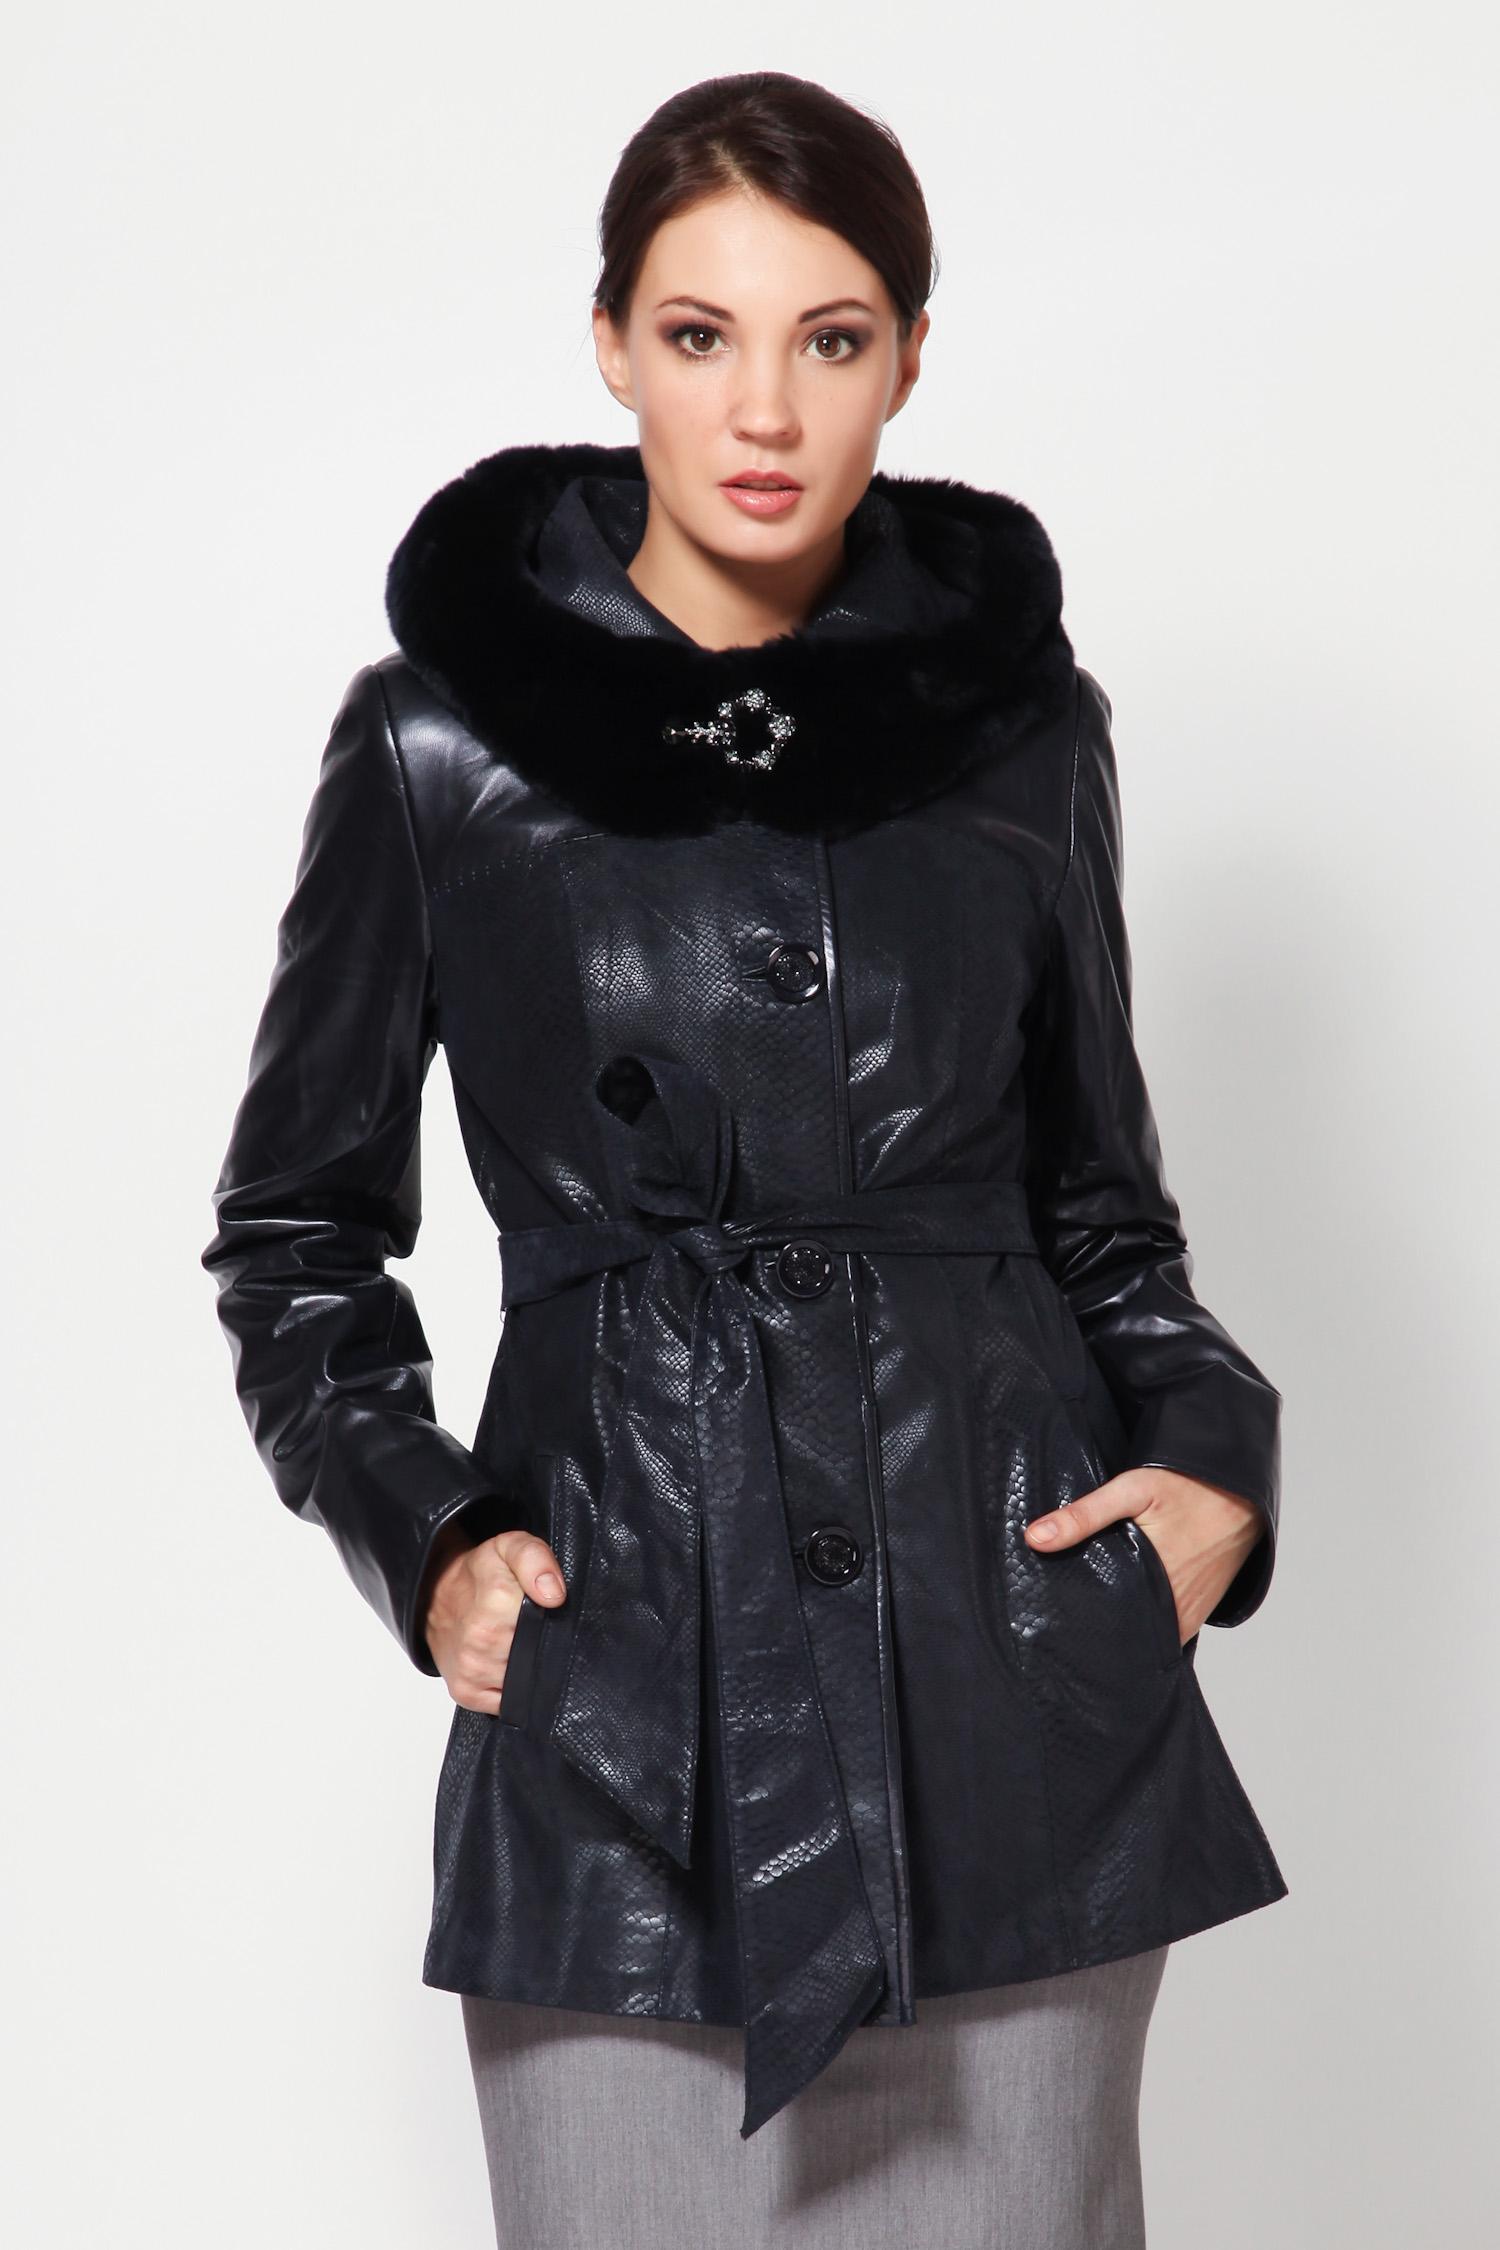 Женская кожаная куртка из натуральной замши и кожи с капюшоном, отделка кролик